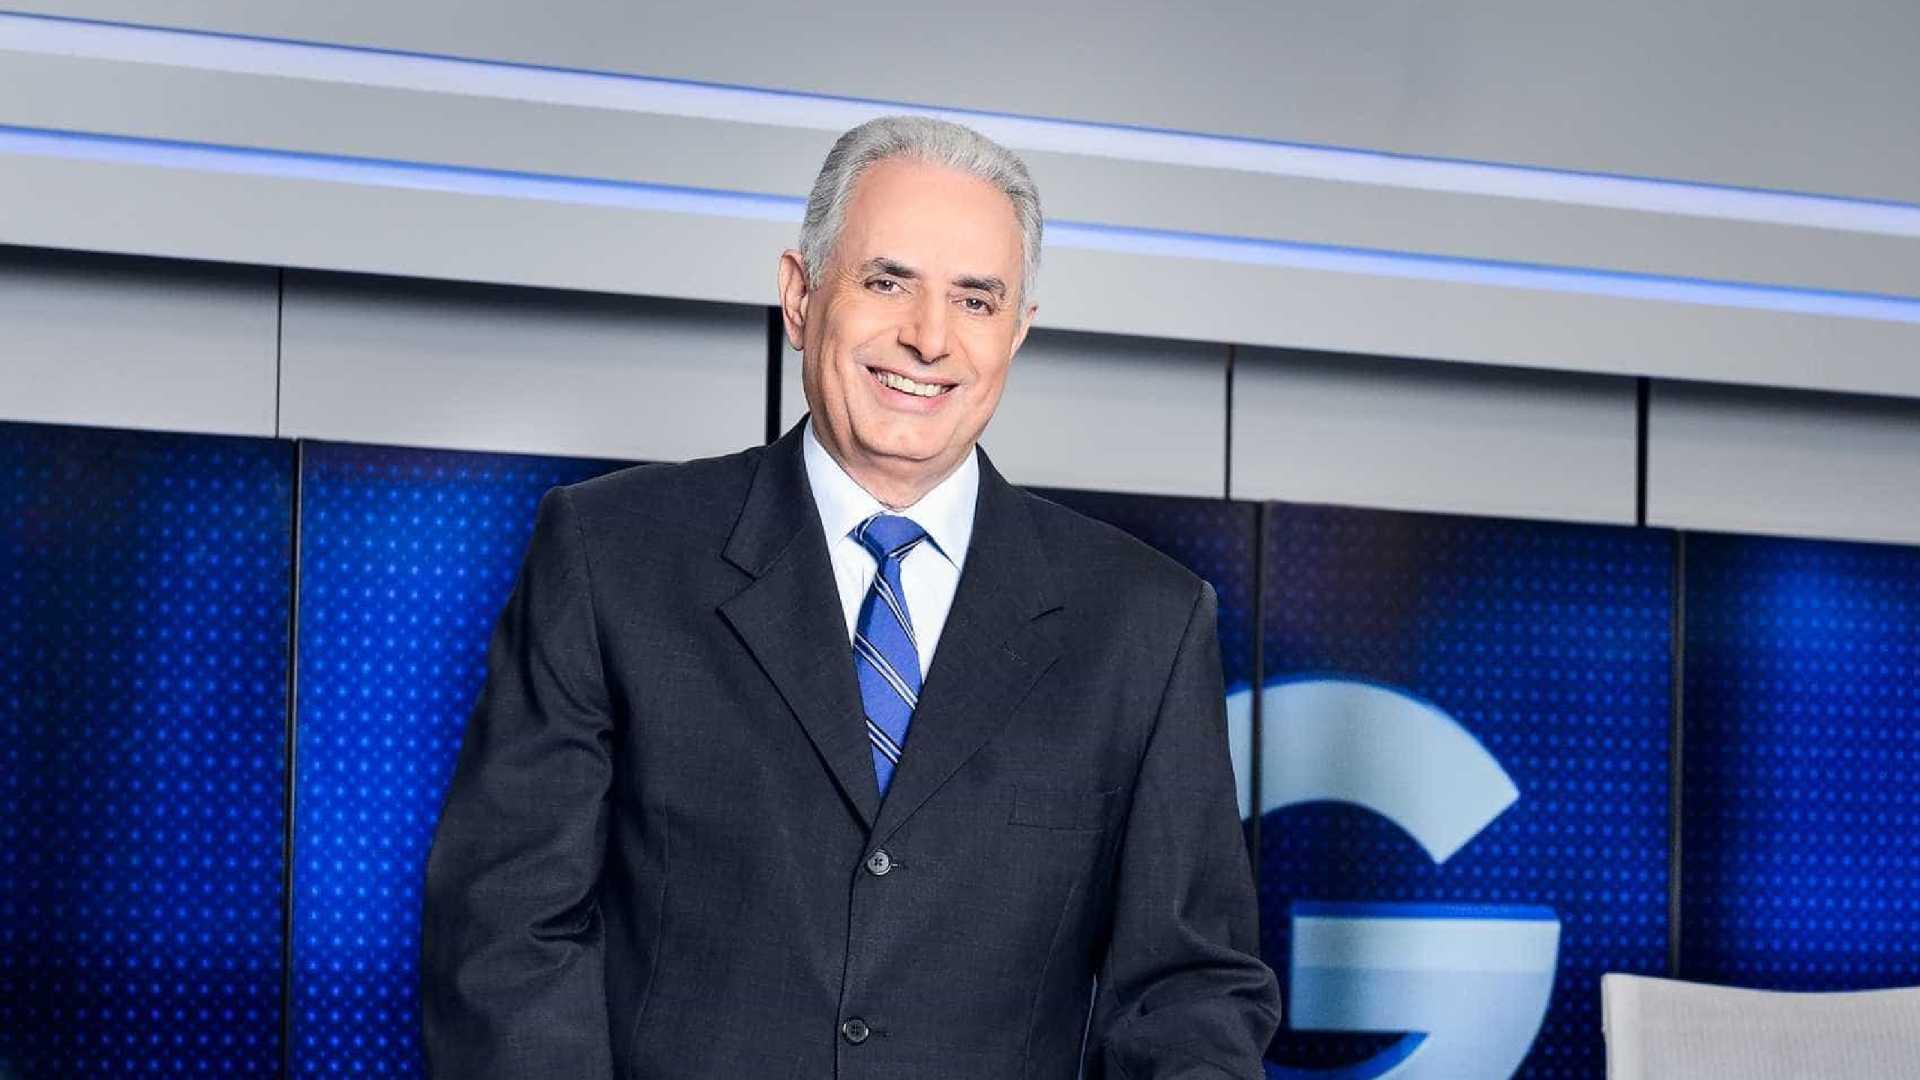 William Waack debocha de Miriam Leitão e Globo